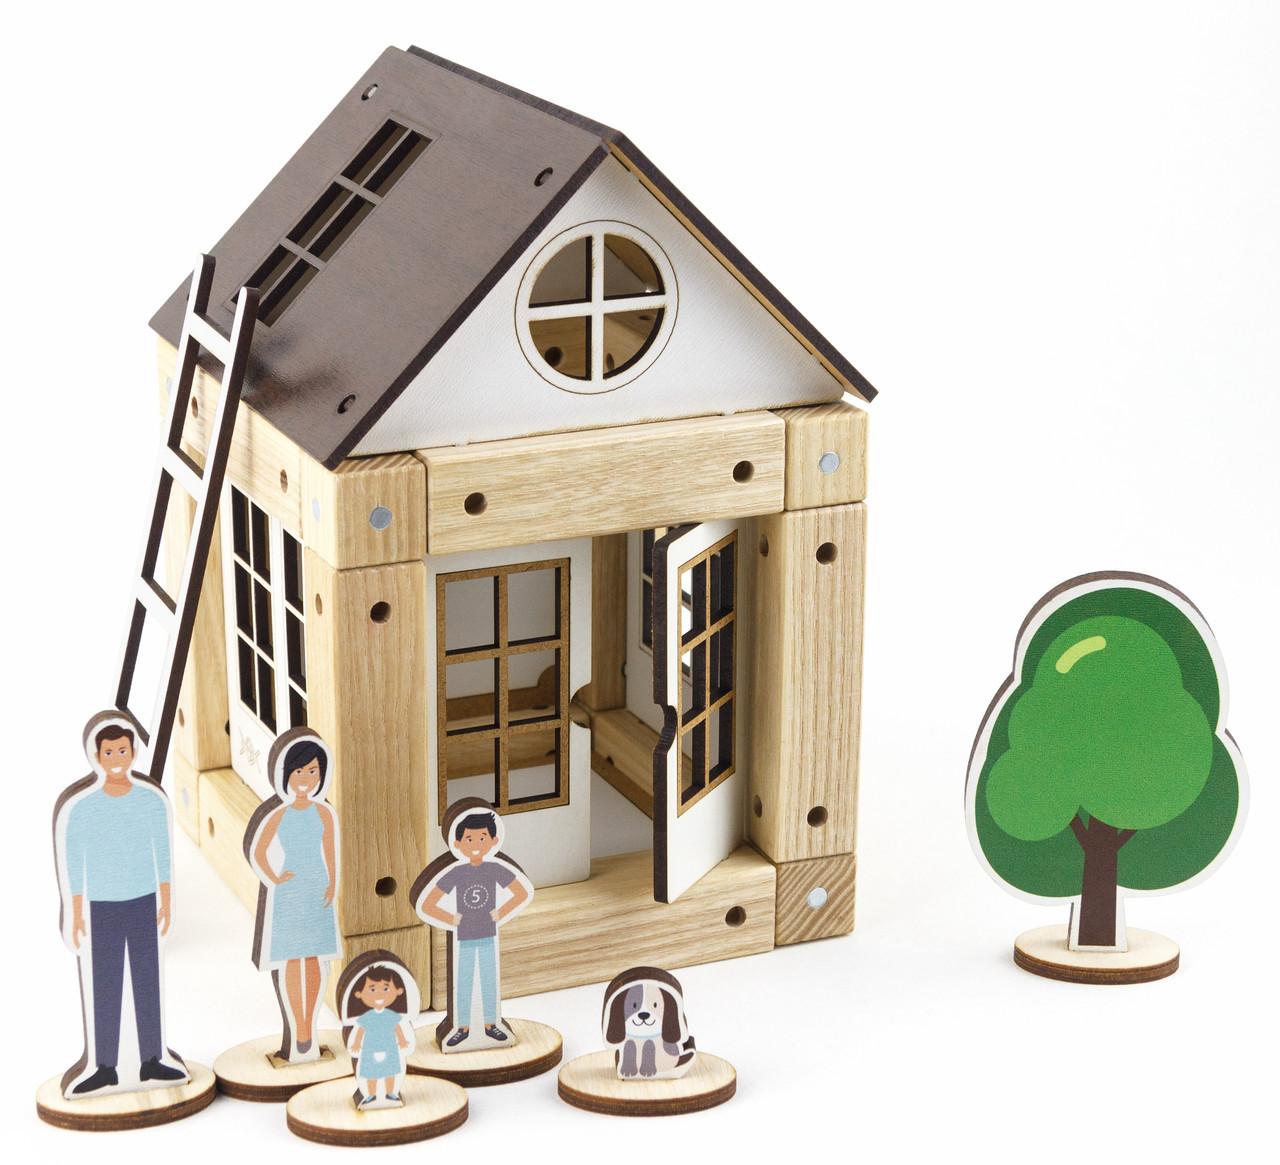 деревянный магнитный конструктор коричневый дом 44 детали украина арт 400326 продажа цена в киеве конструкторы от интернет магазин Lovely